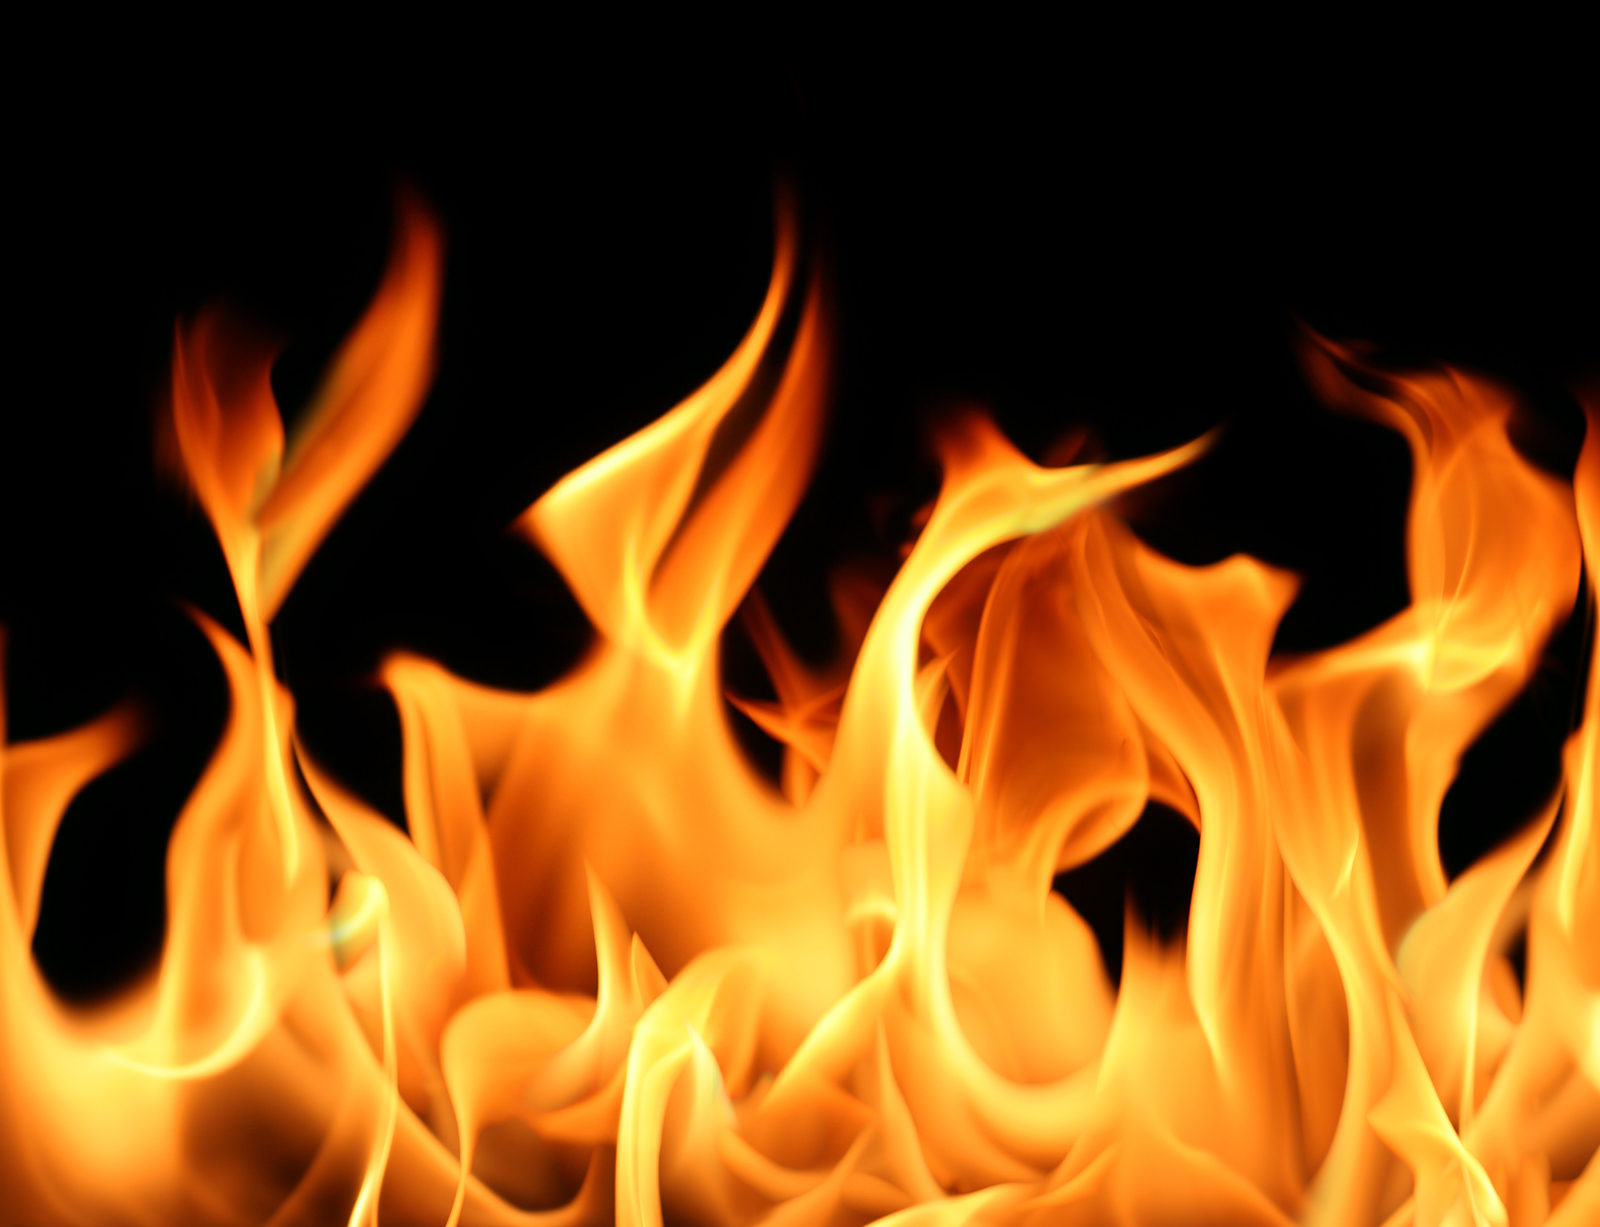 Spontaneity (Fire)